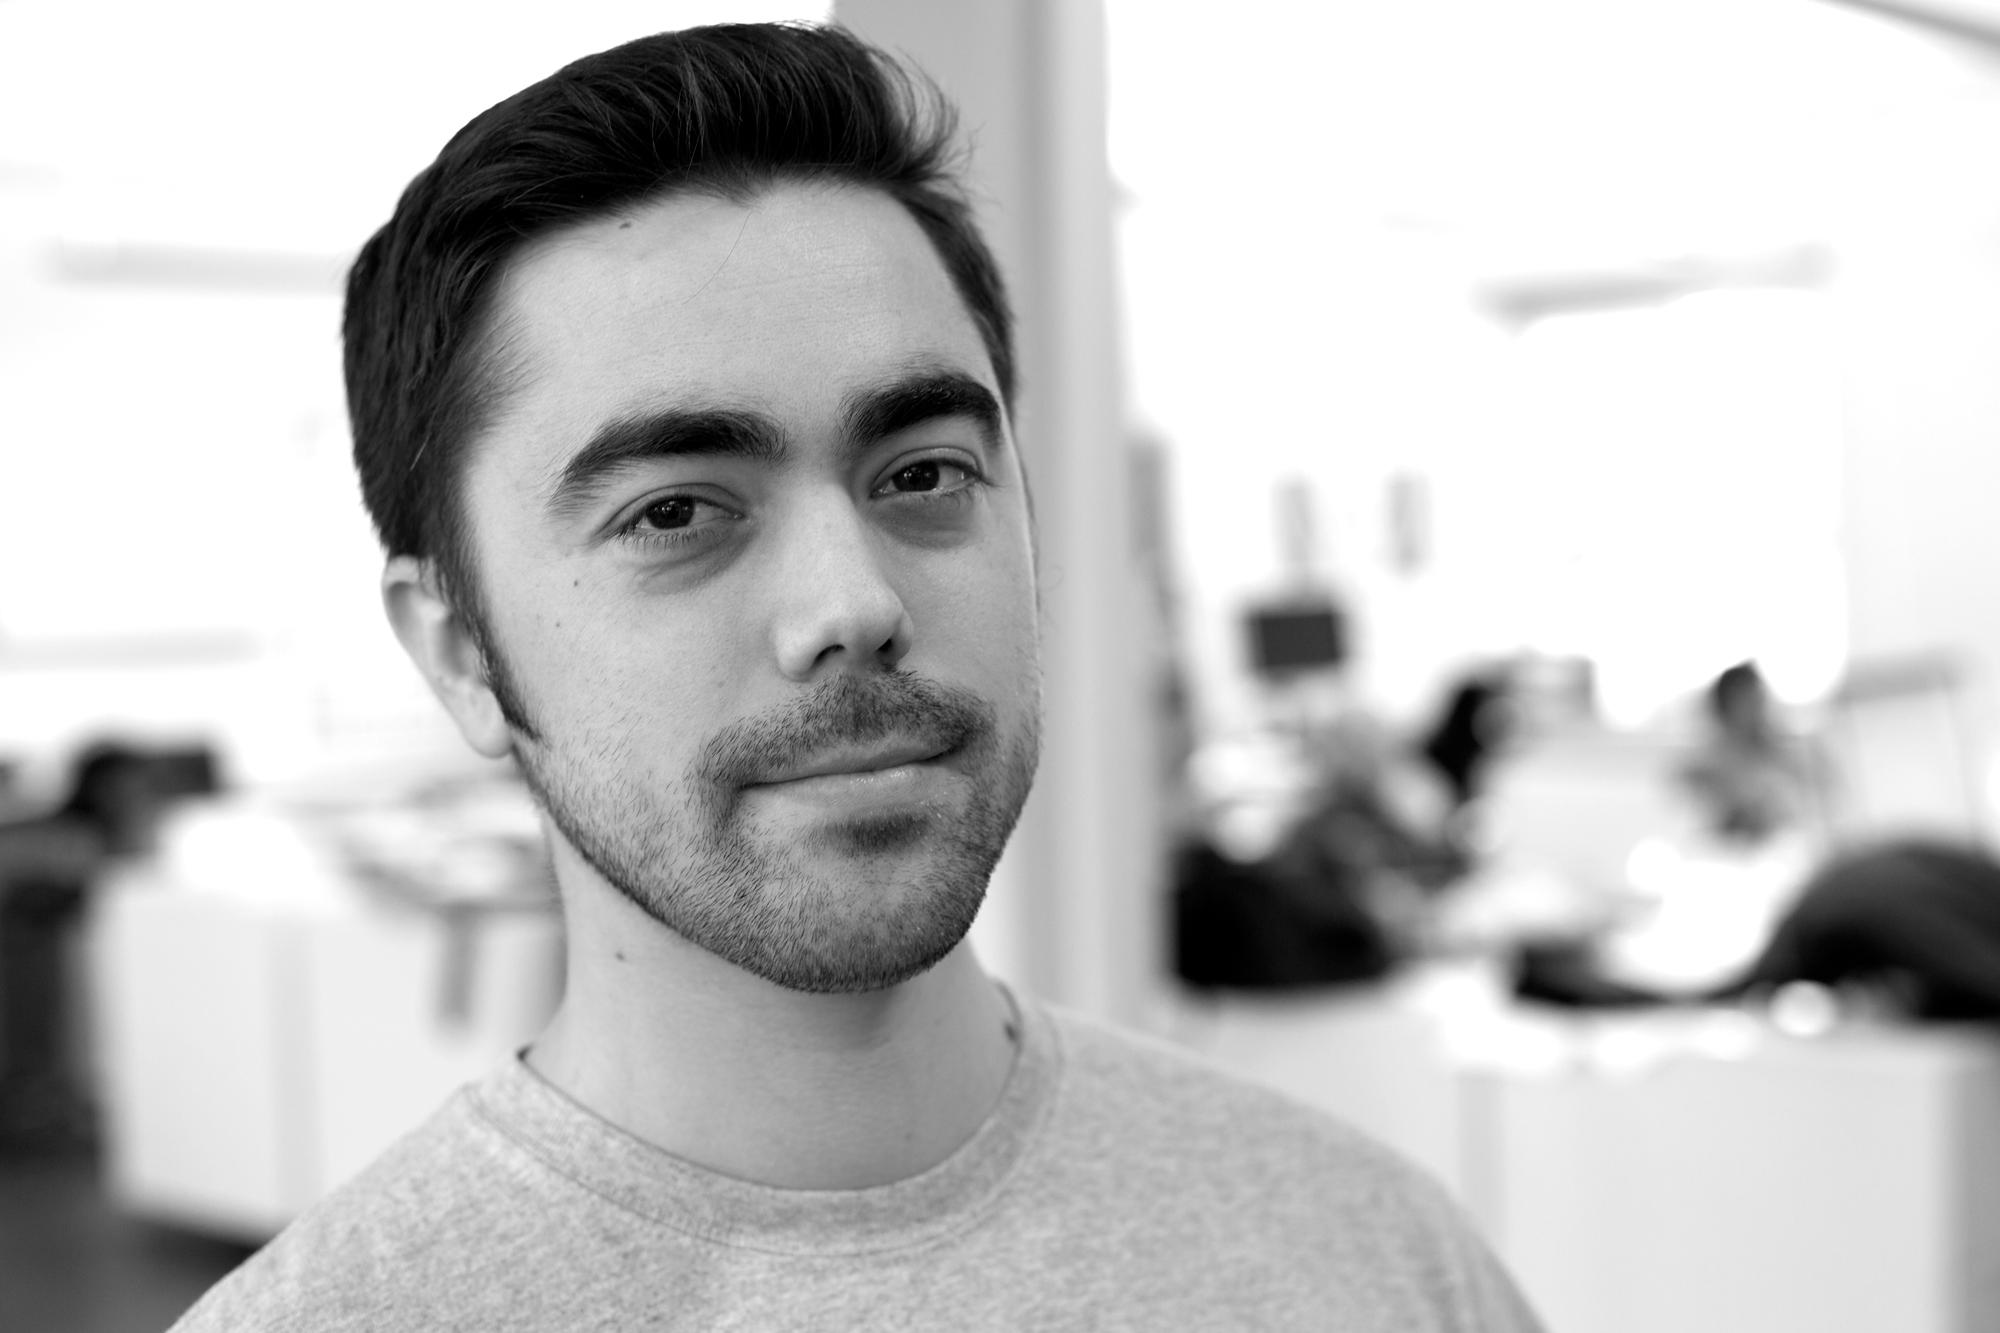 Marcus Svensson profile image